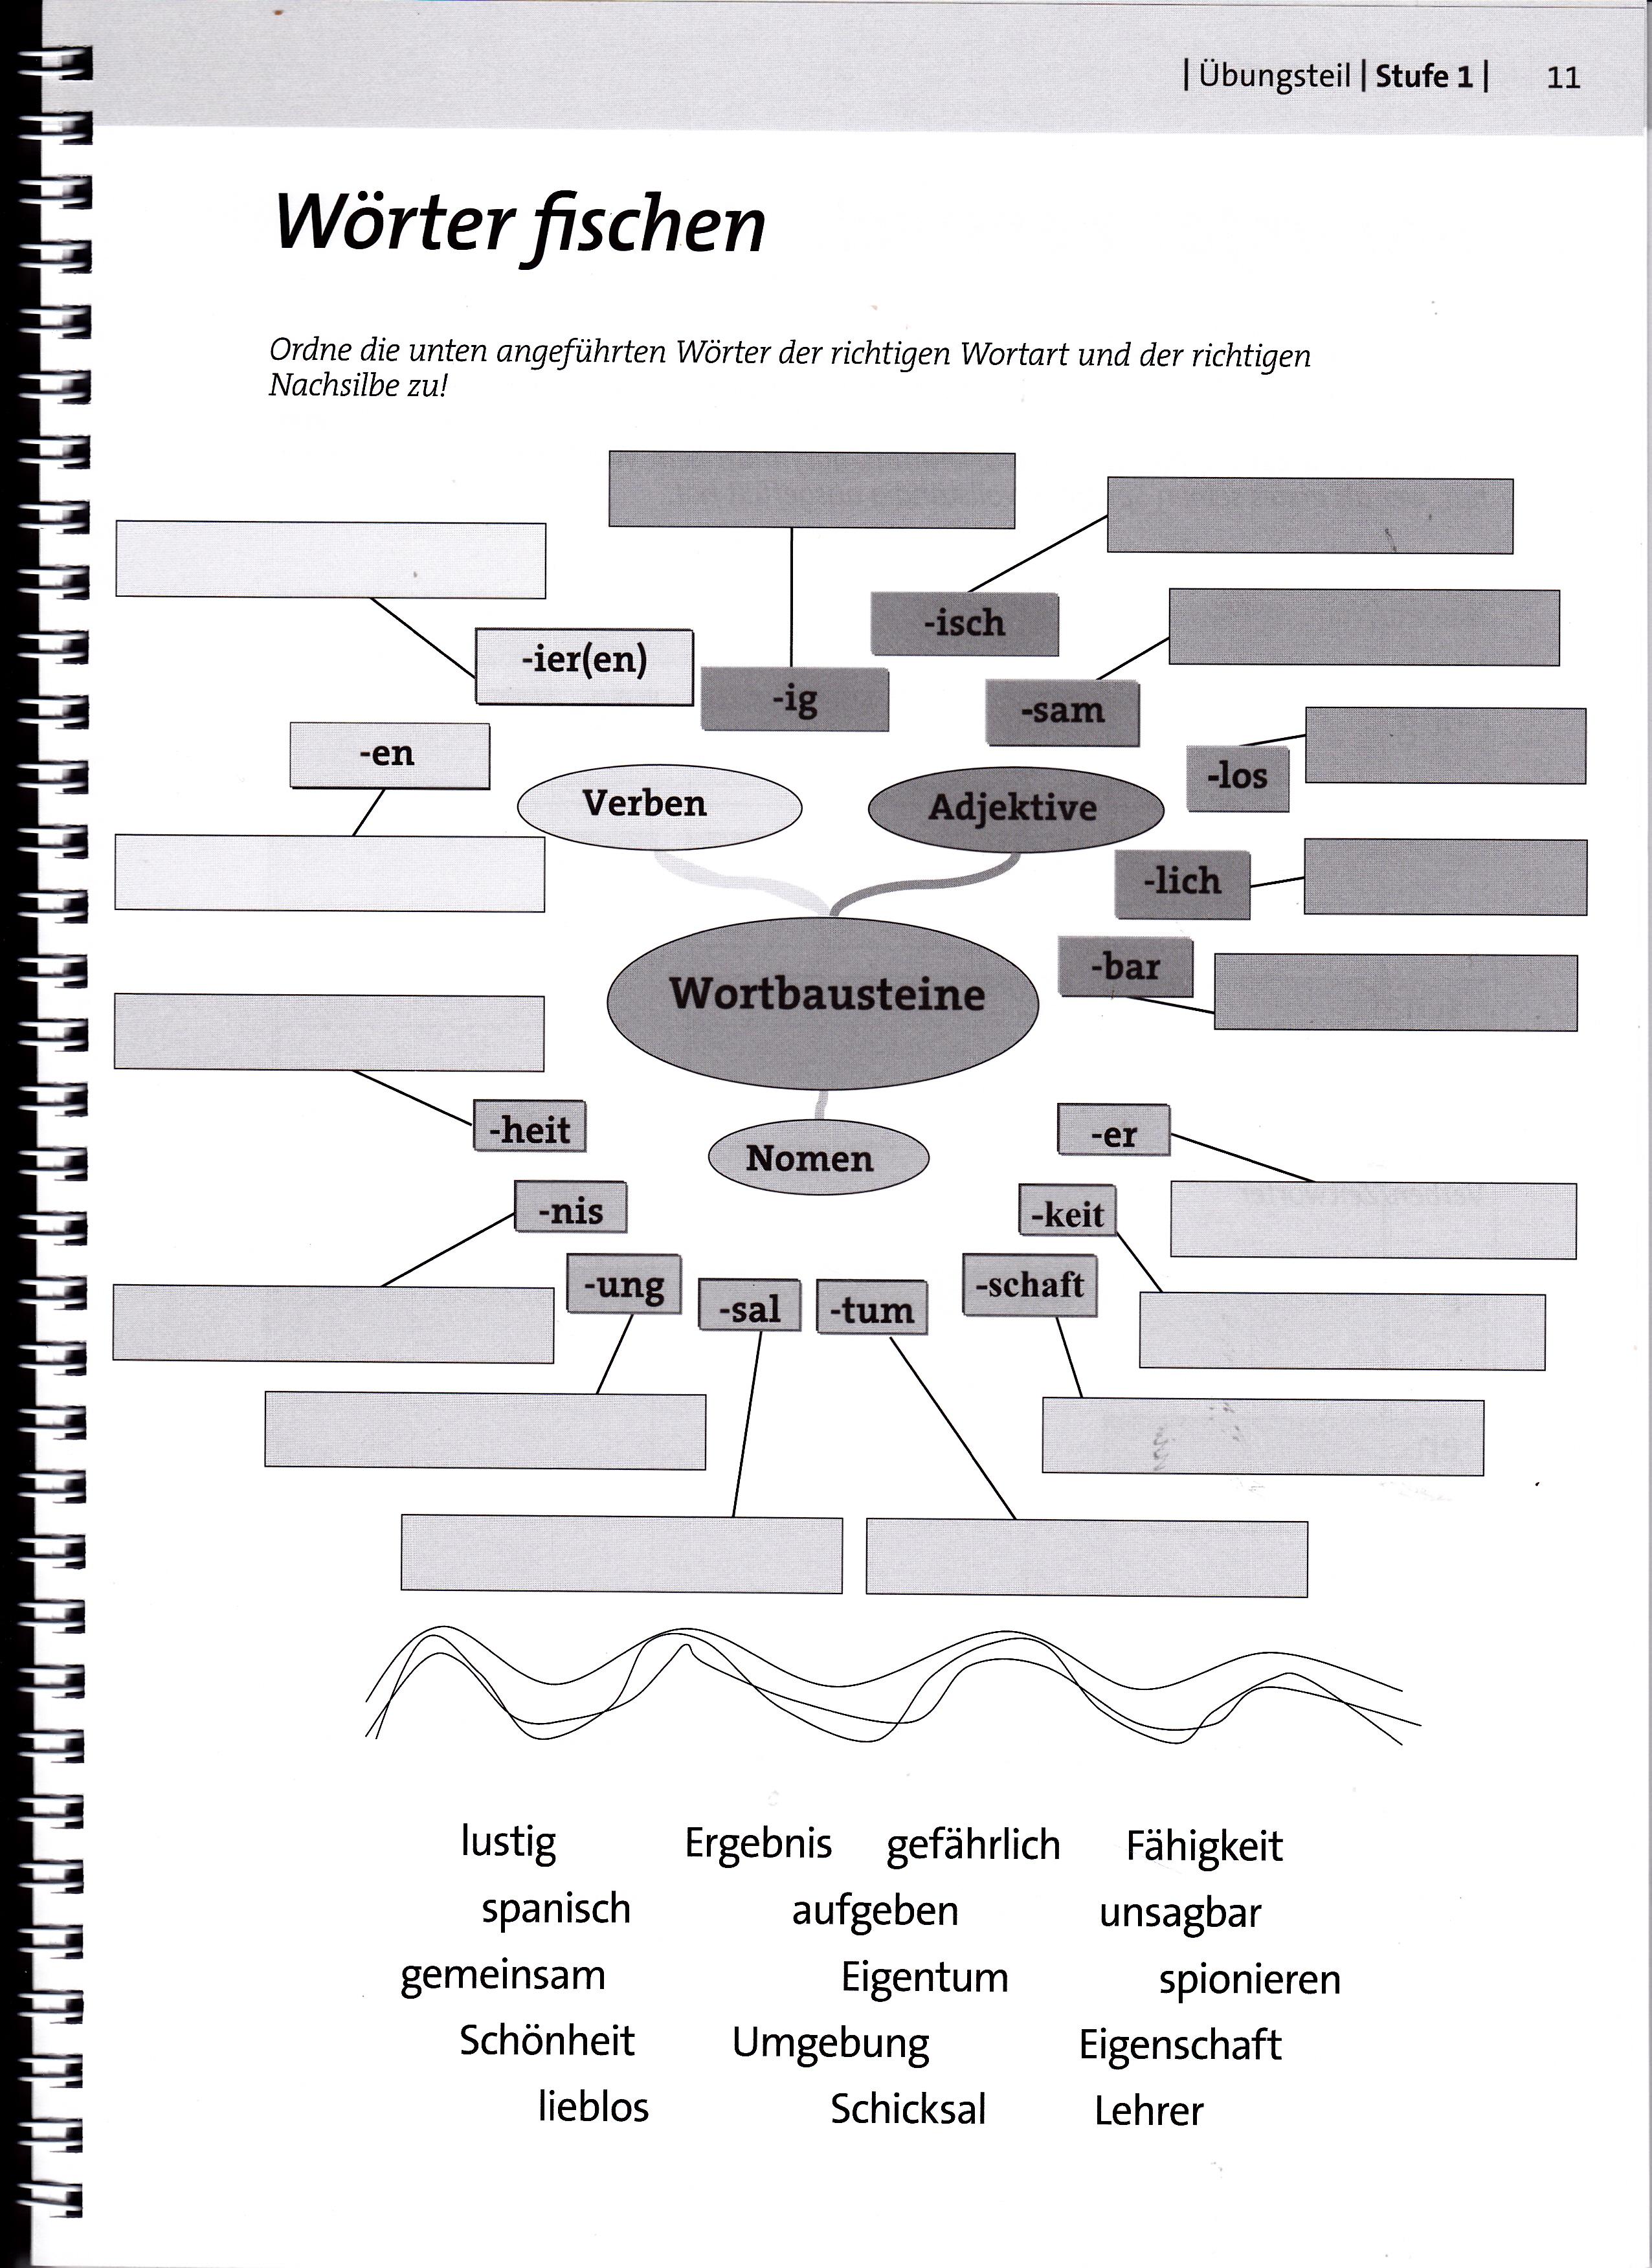 Morpheus- das morphemunterstützte Grundwortschatz-Segmentierungstraining